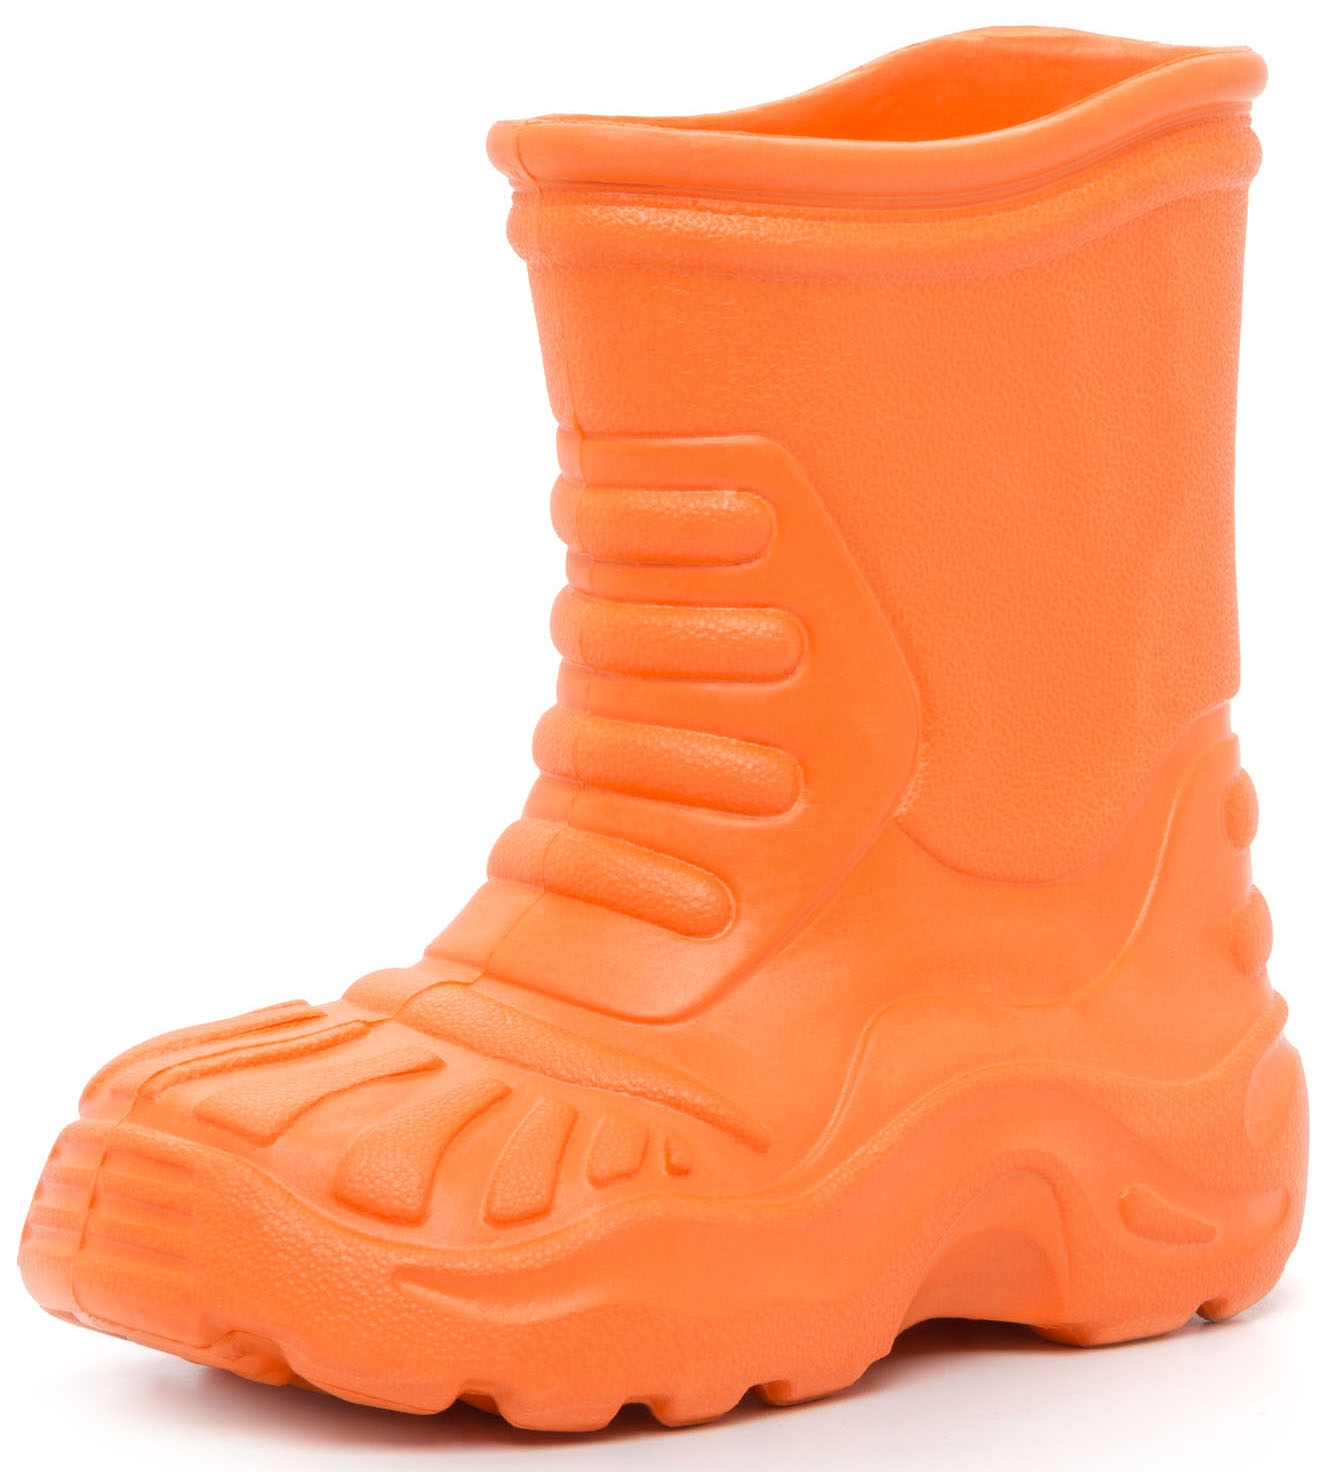 Купить Резиновые сапоги, Сапоги для девочки Barkito, оранжевые, Китай, оранжевый, Женский